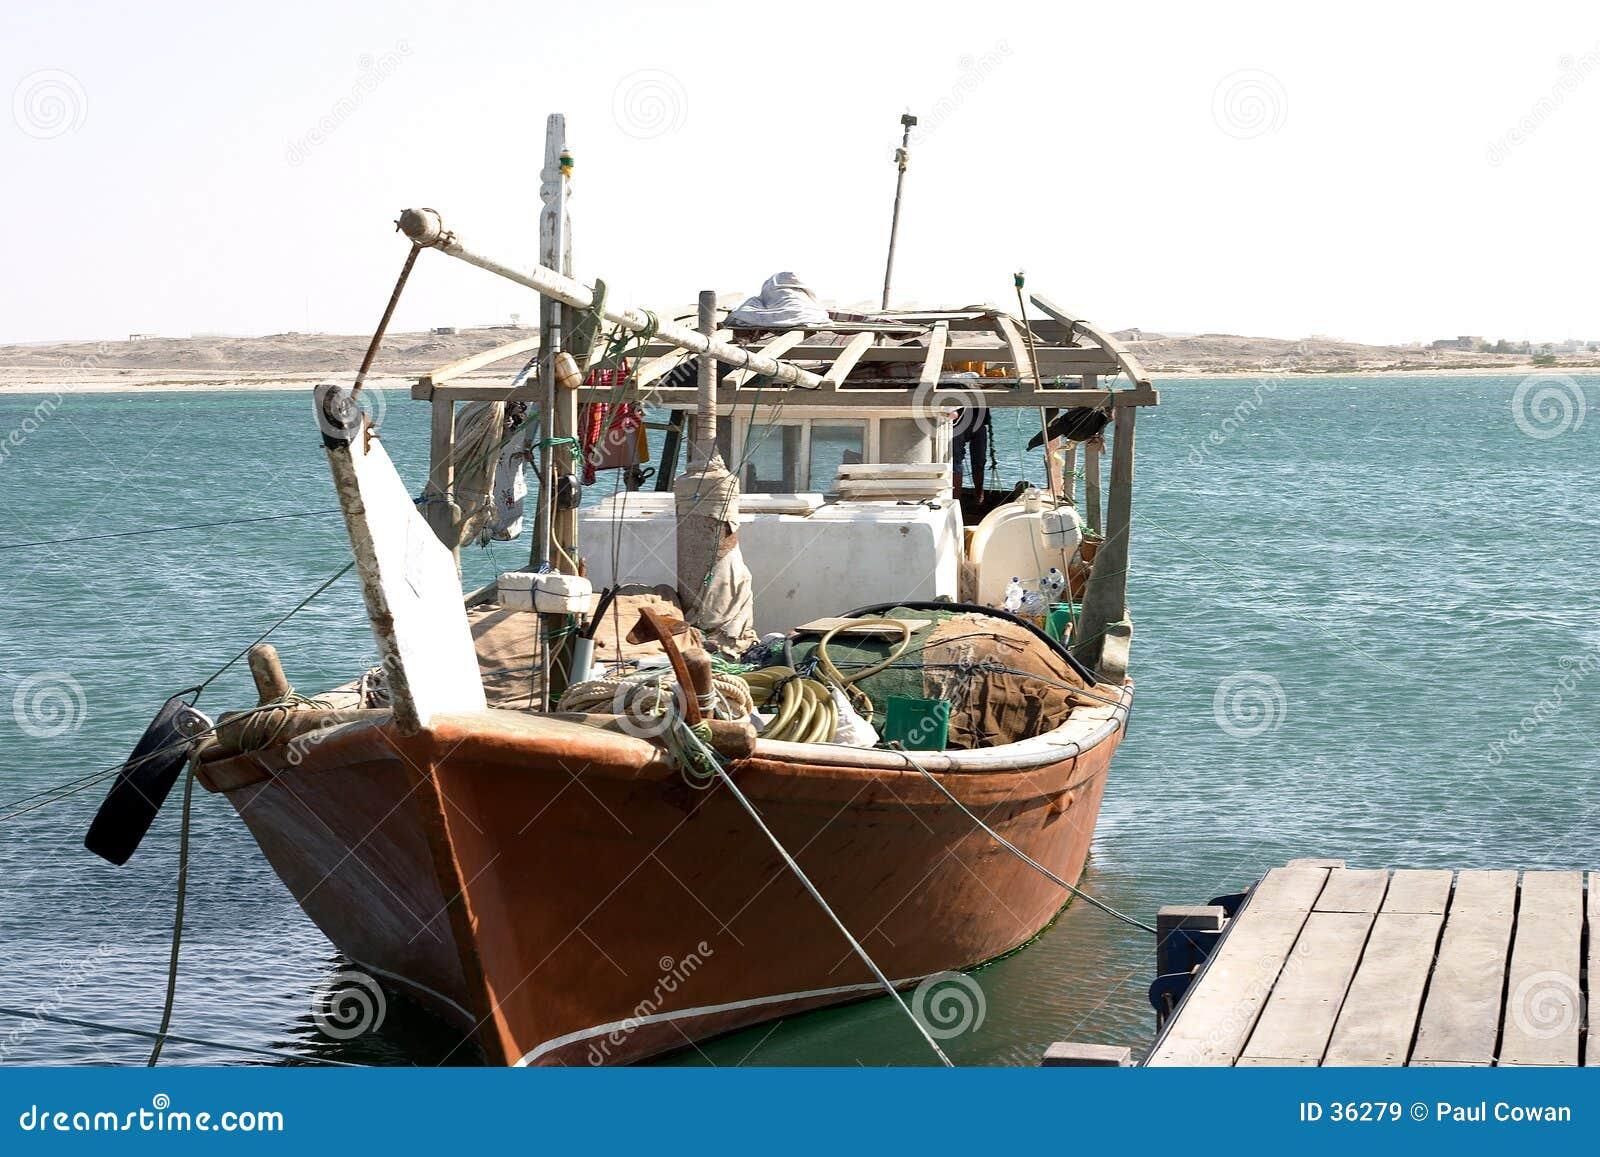 Arab fishing dhow